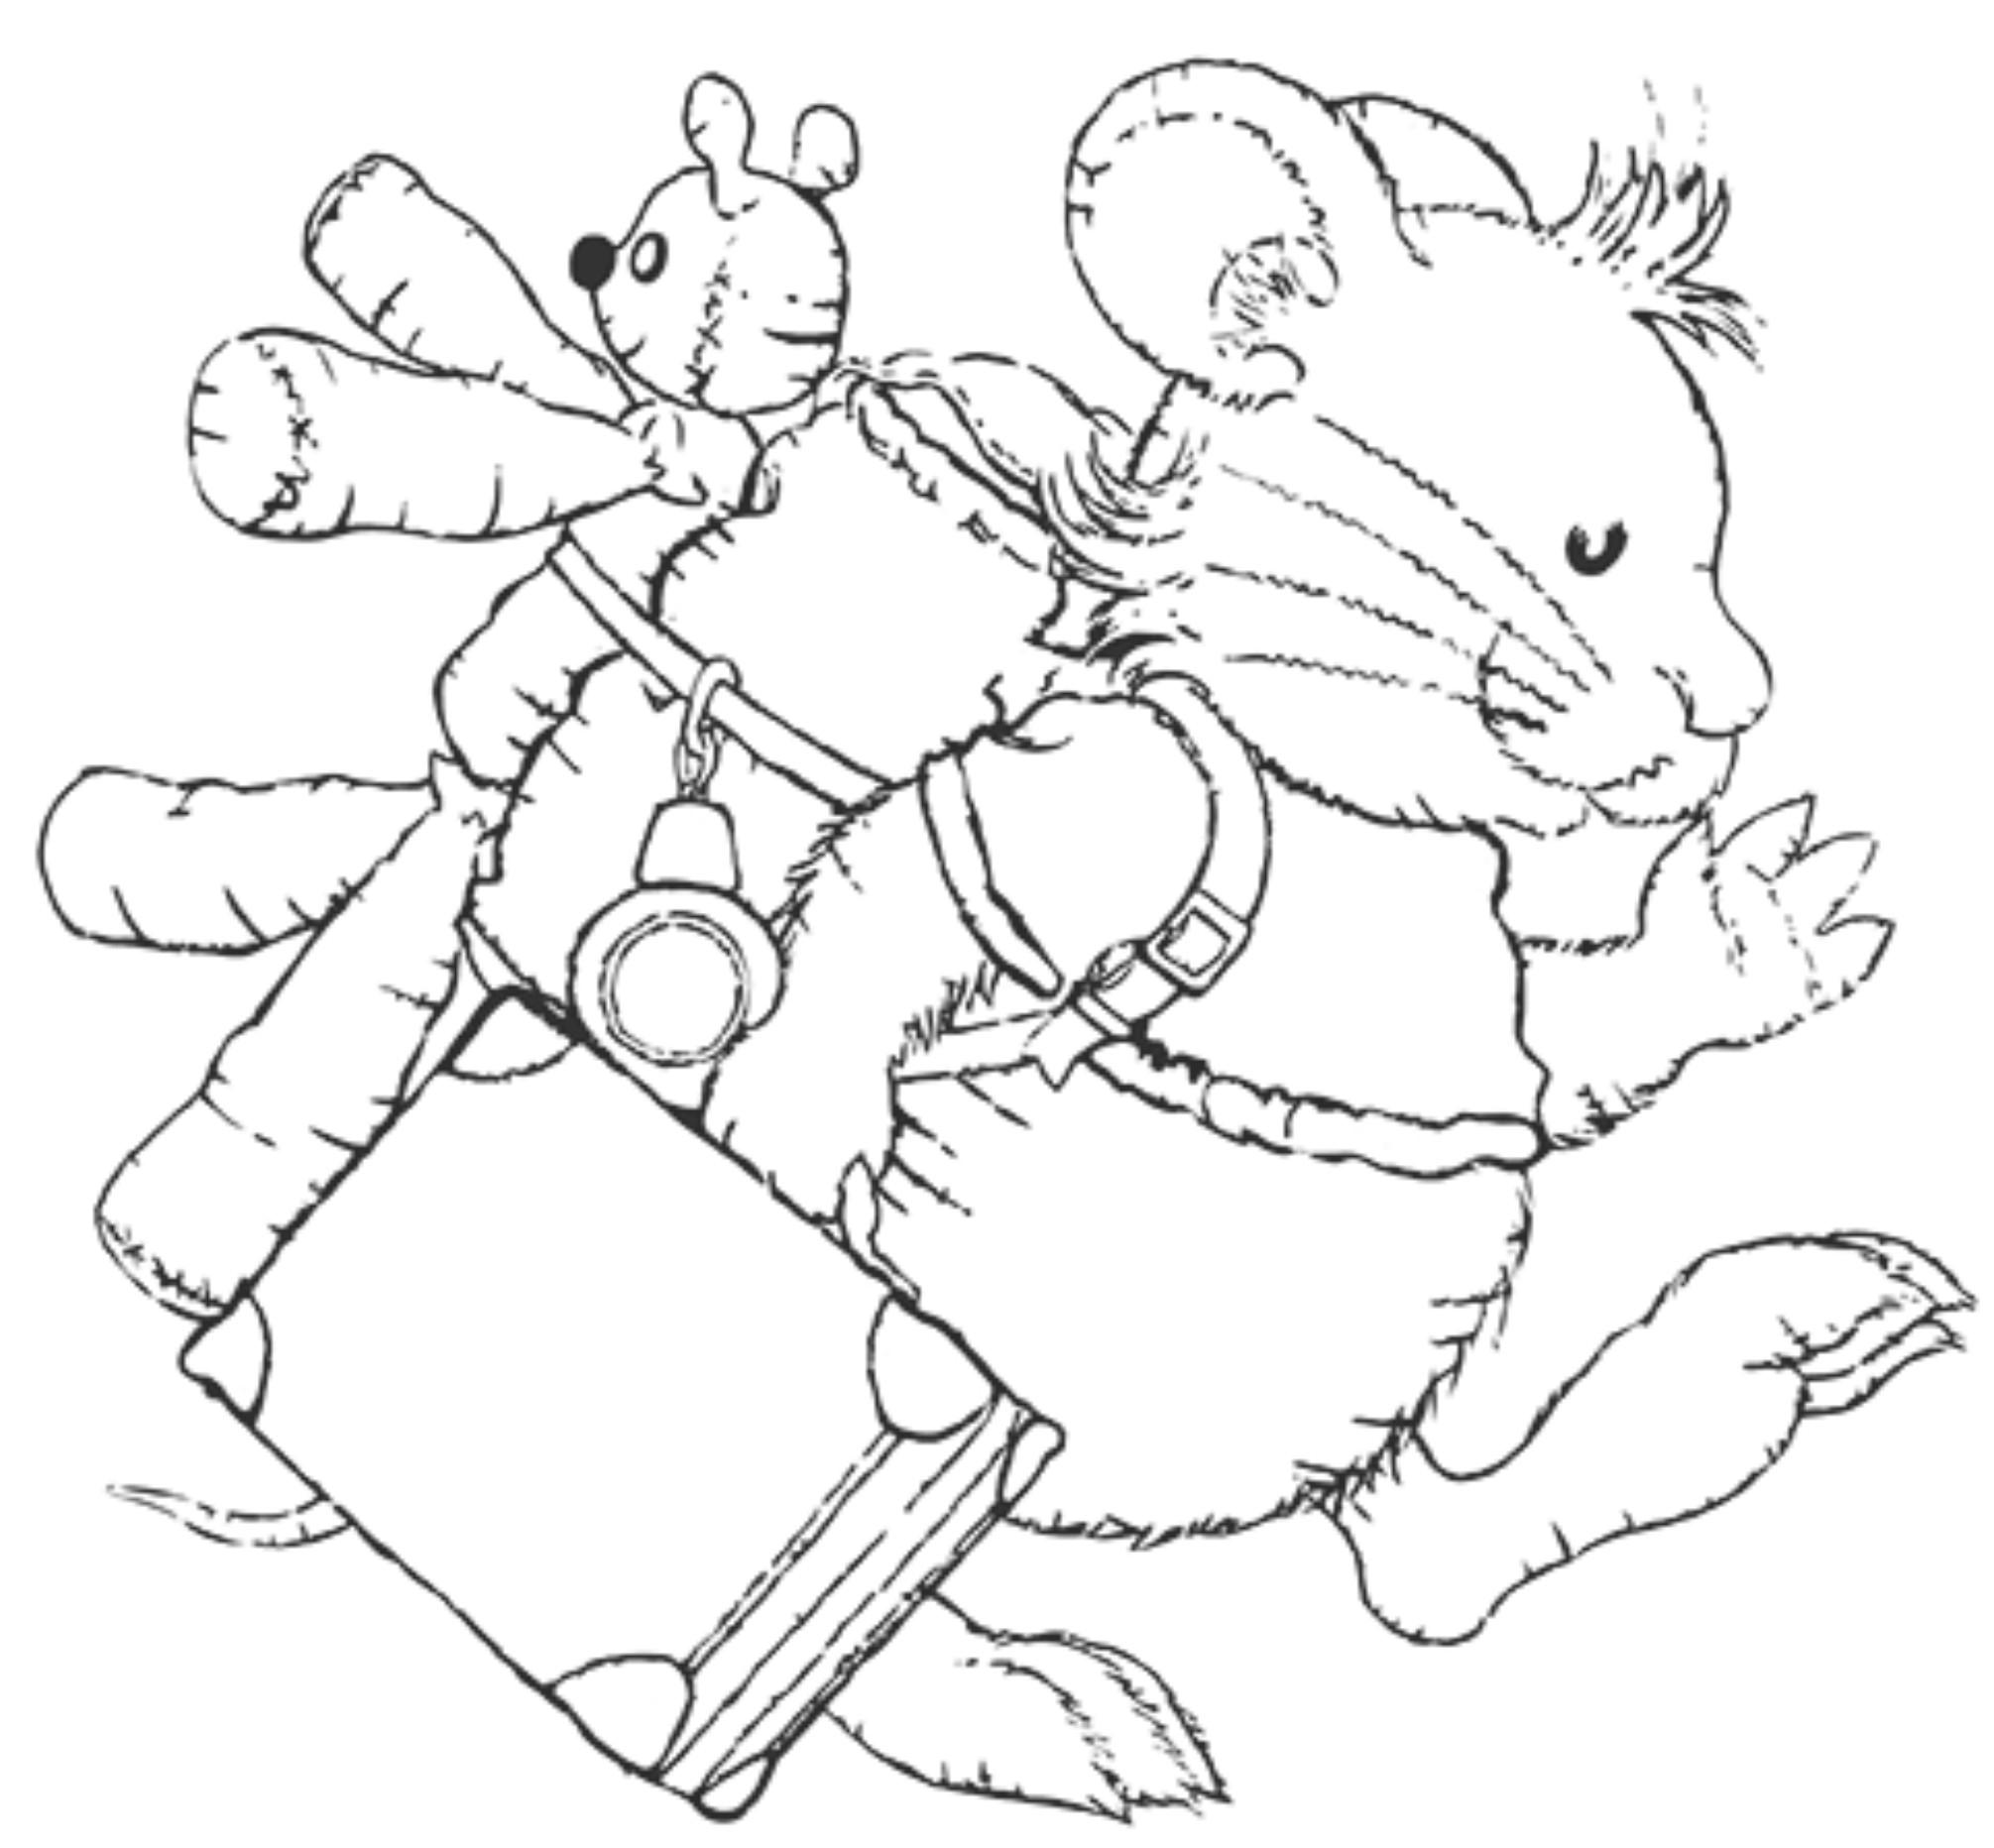 Ausmalbilder Leo Lausemaus  Leo Lausemaus – Spielzeug von der kleinen lustigen Maus